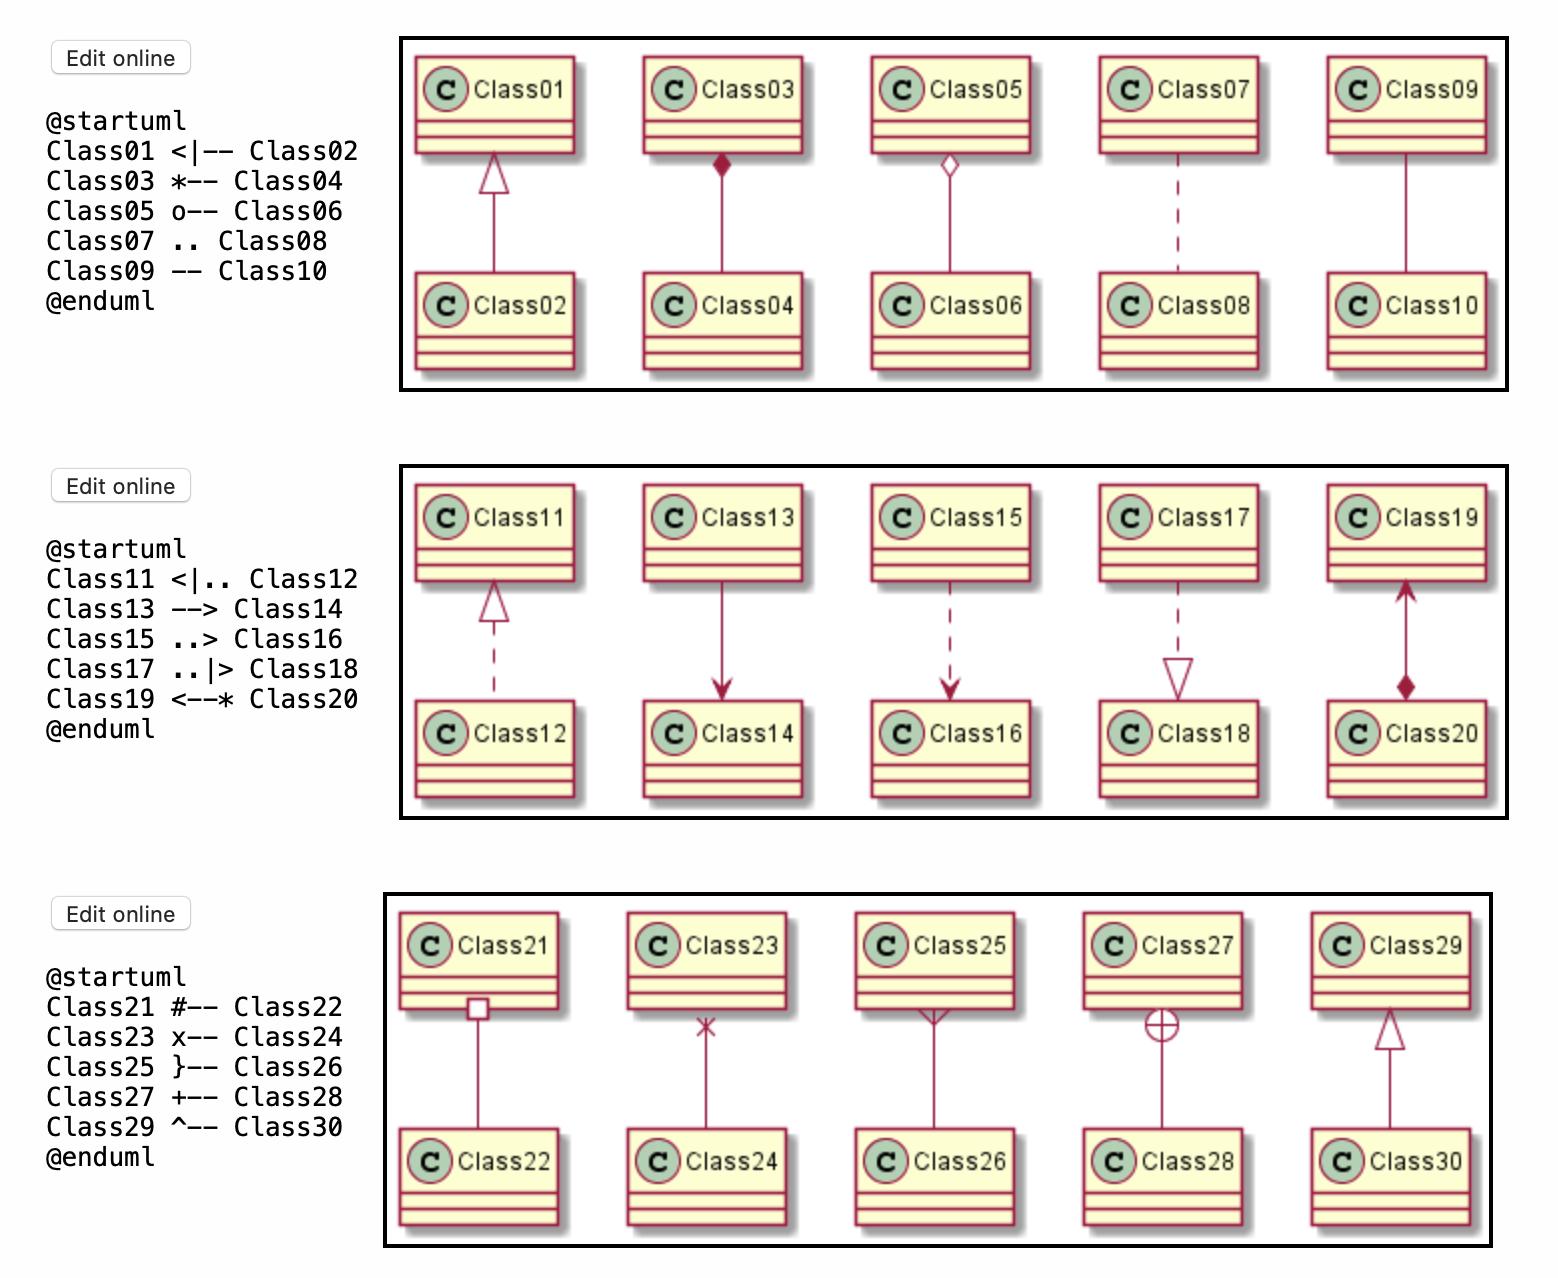 plantuml-example